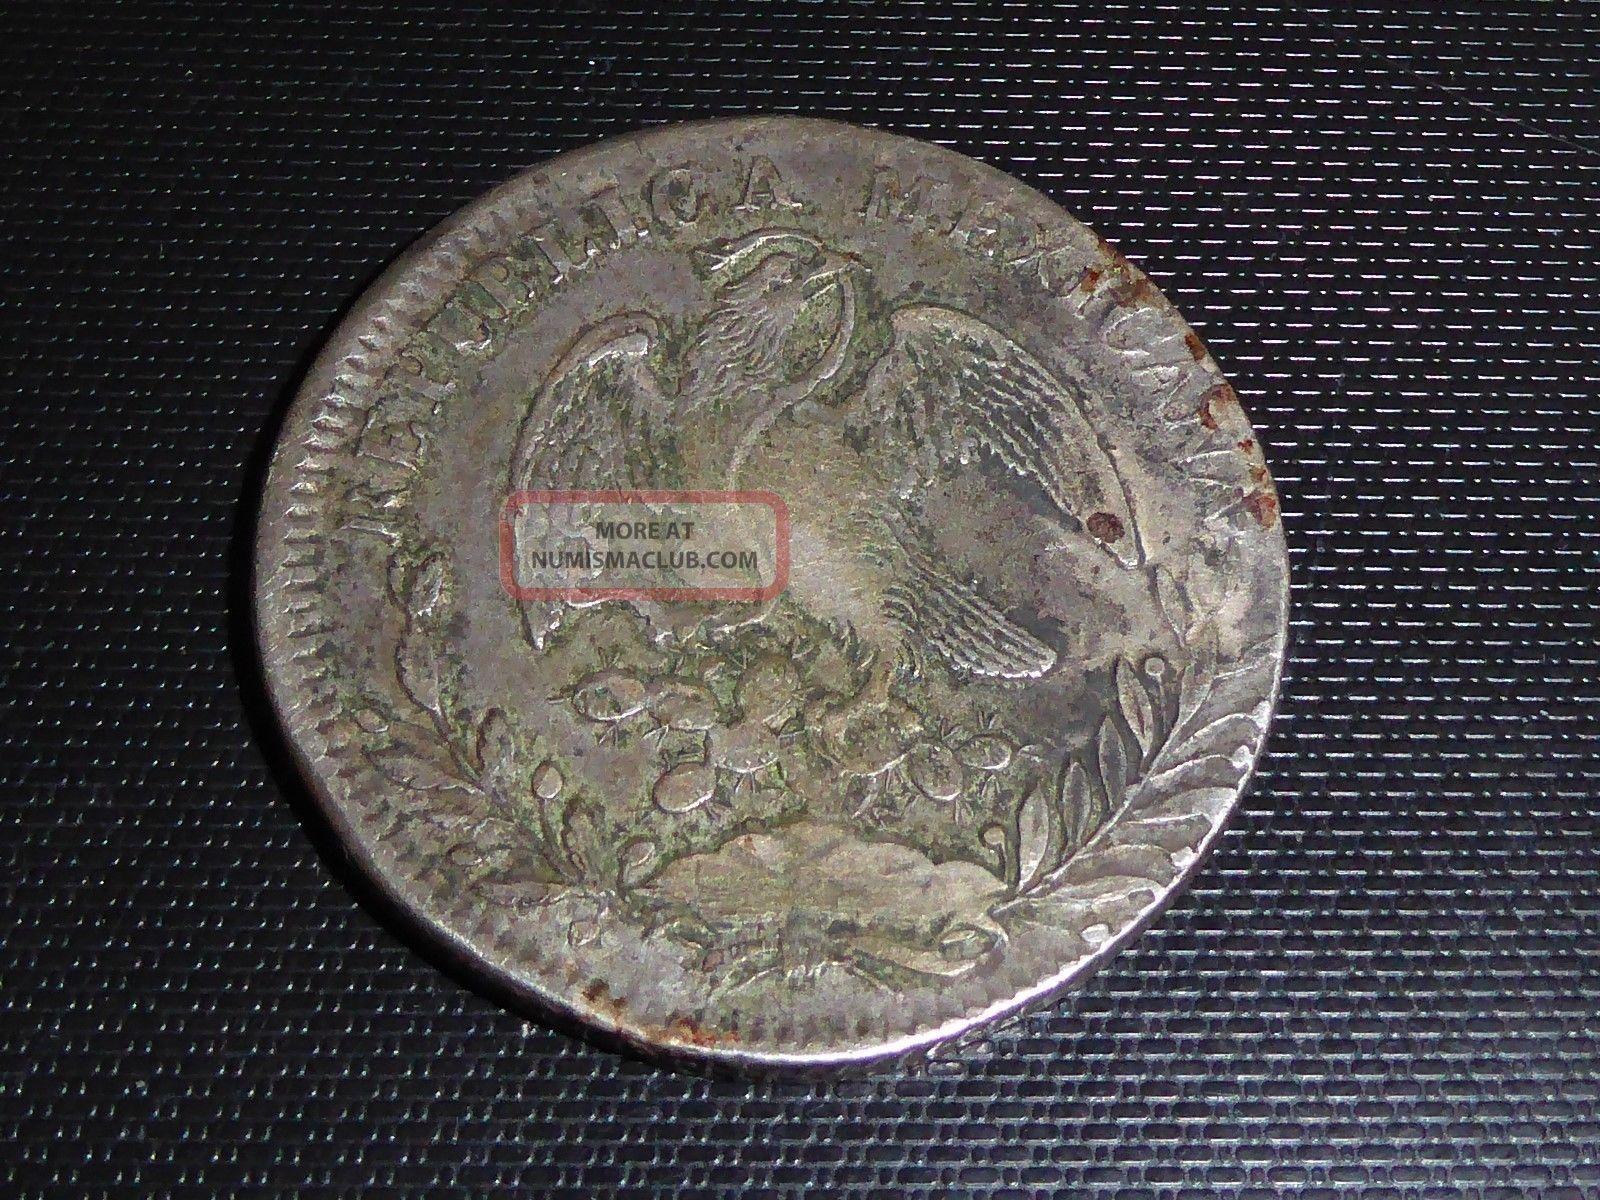 Rare 1834 Zsom Silver Mexican Peso Mexico photo